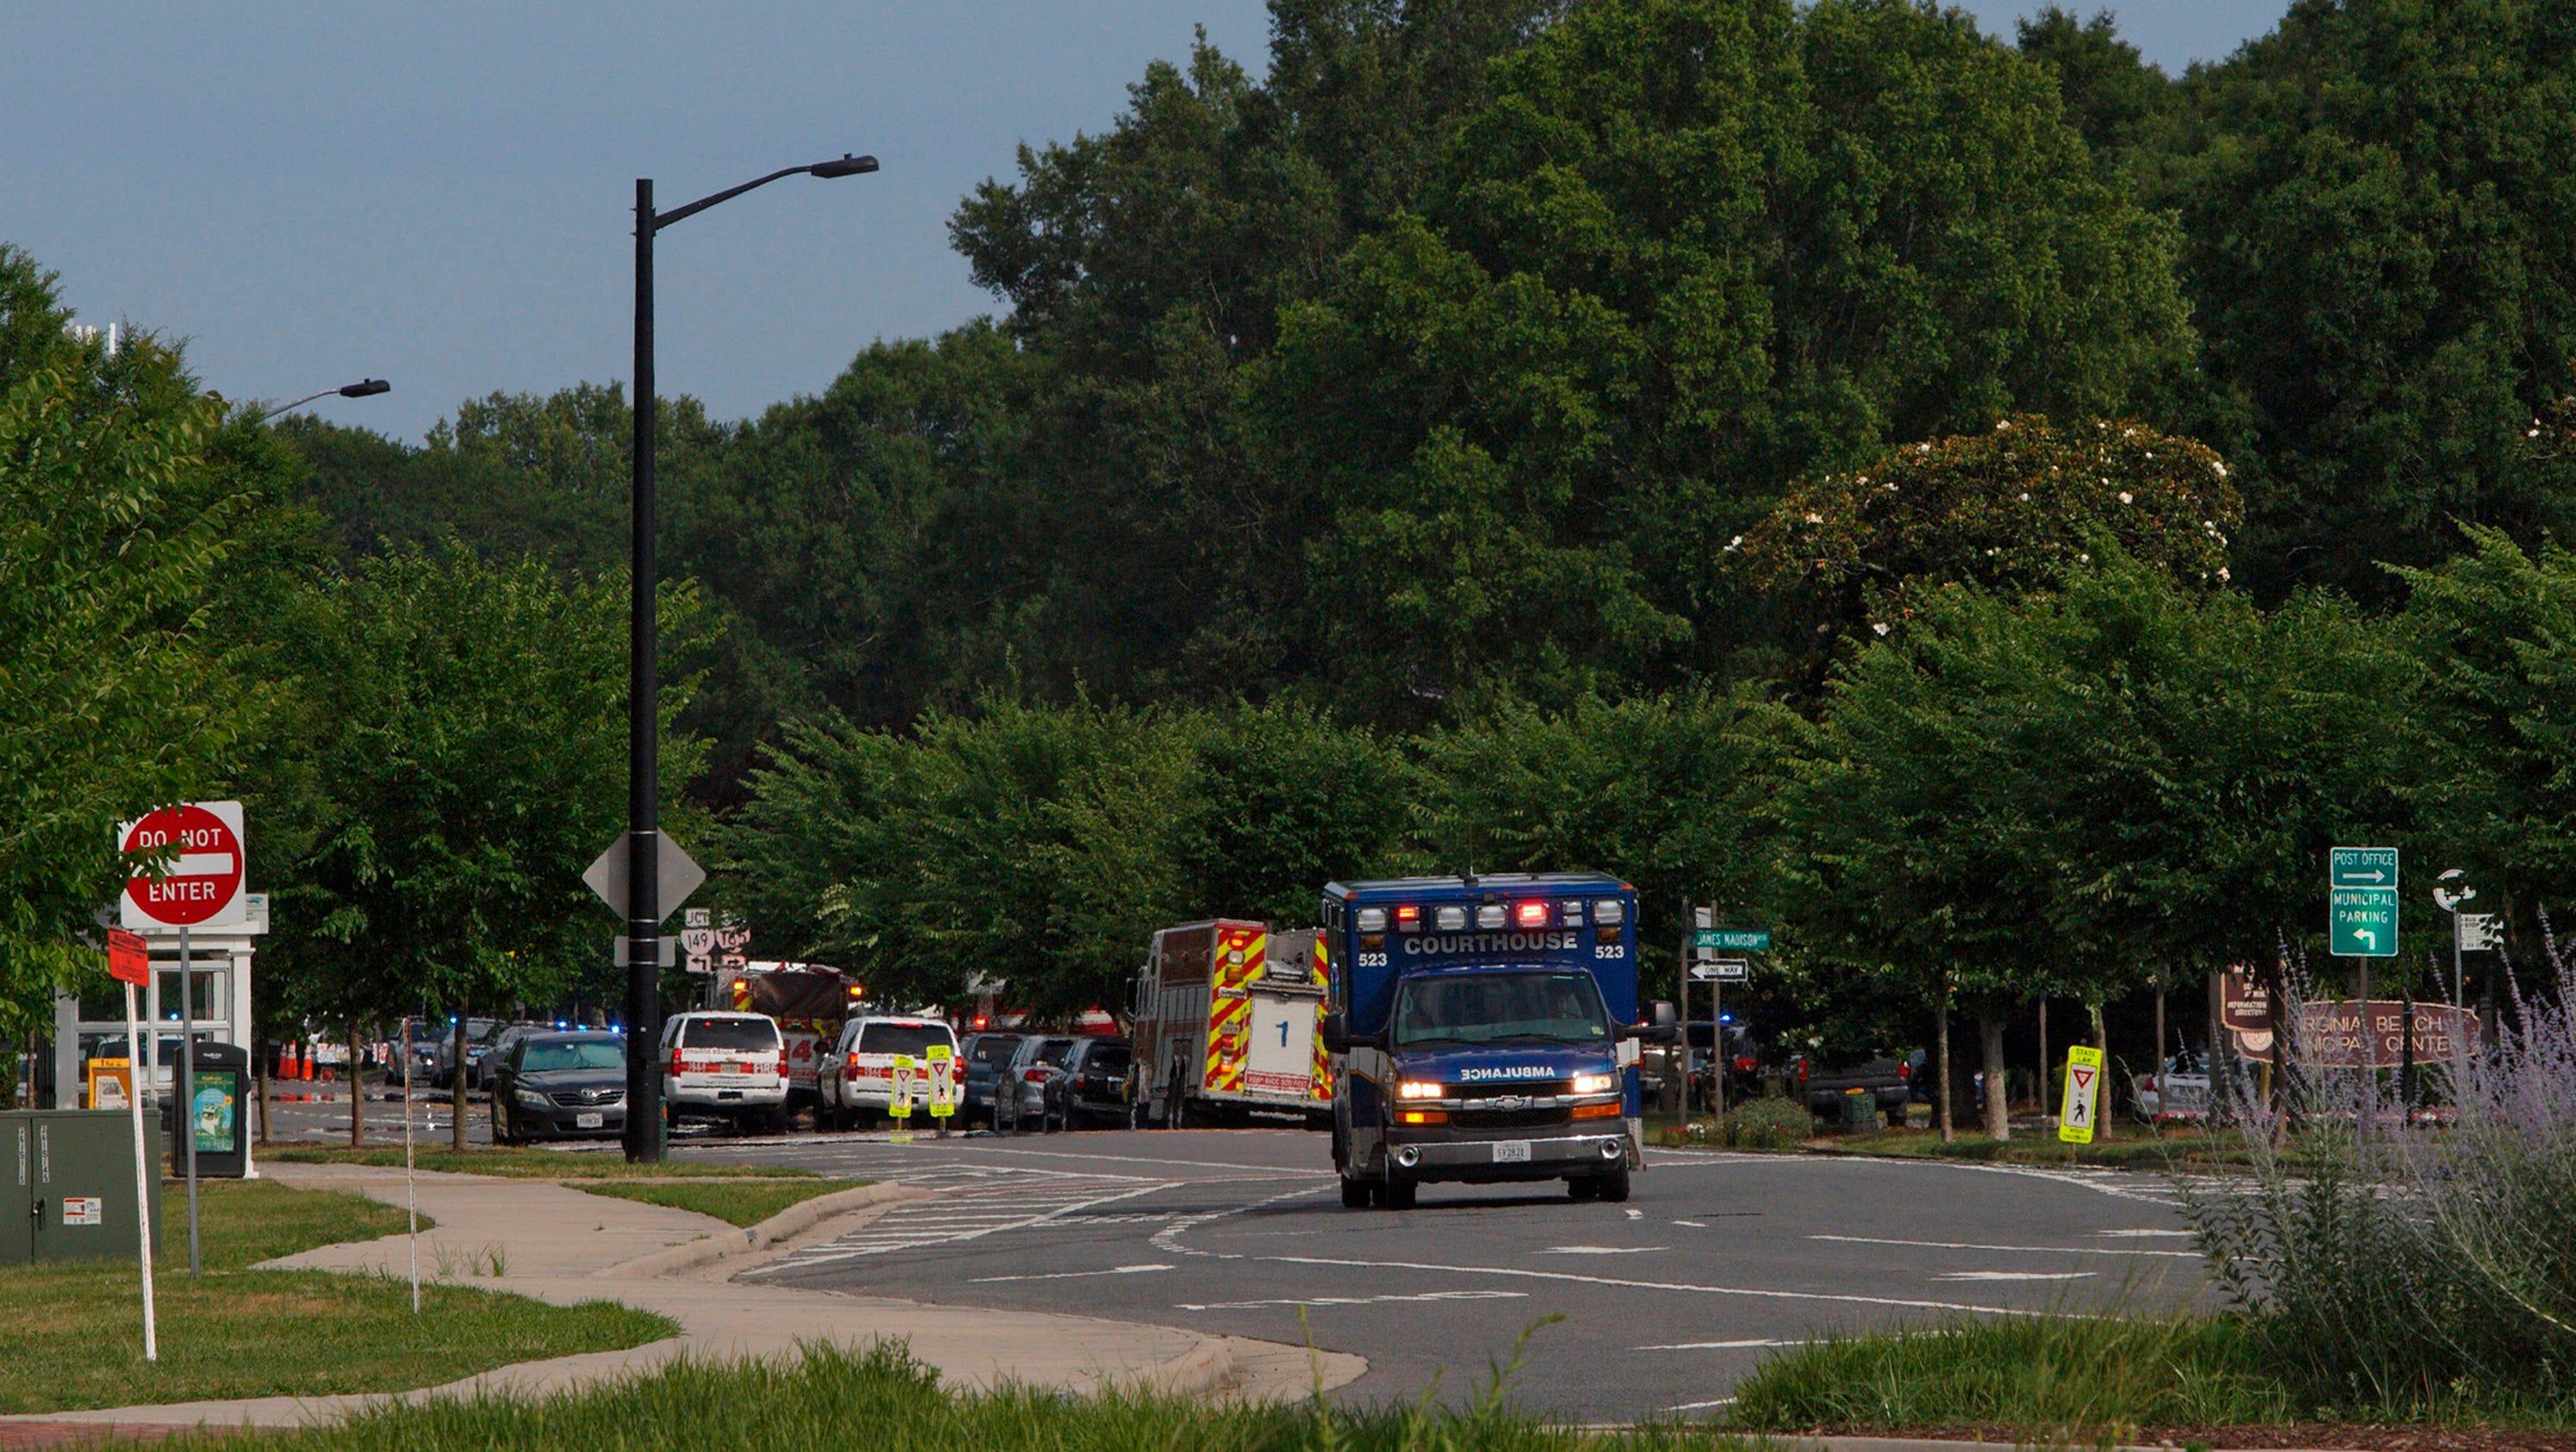 Virginia Beach shooting: 12 people killed, 4 injured, gunman dead